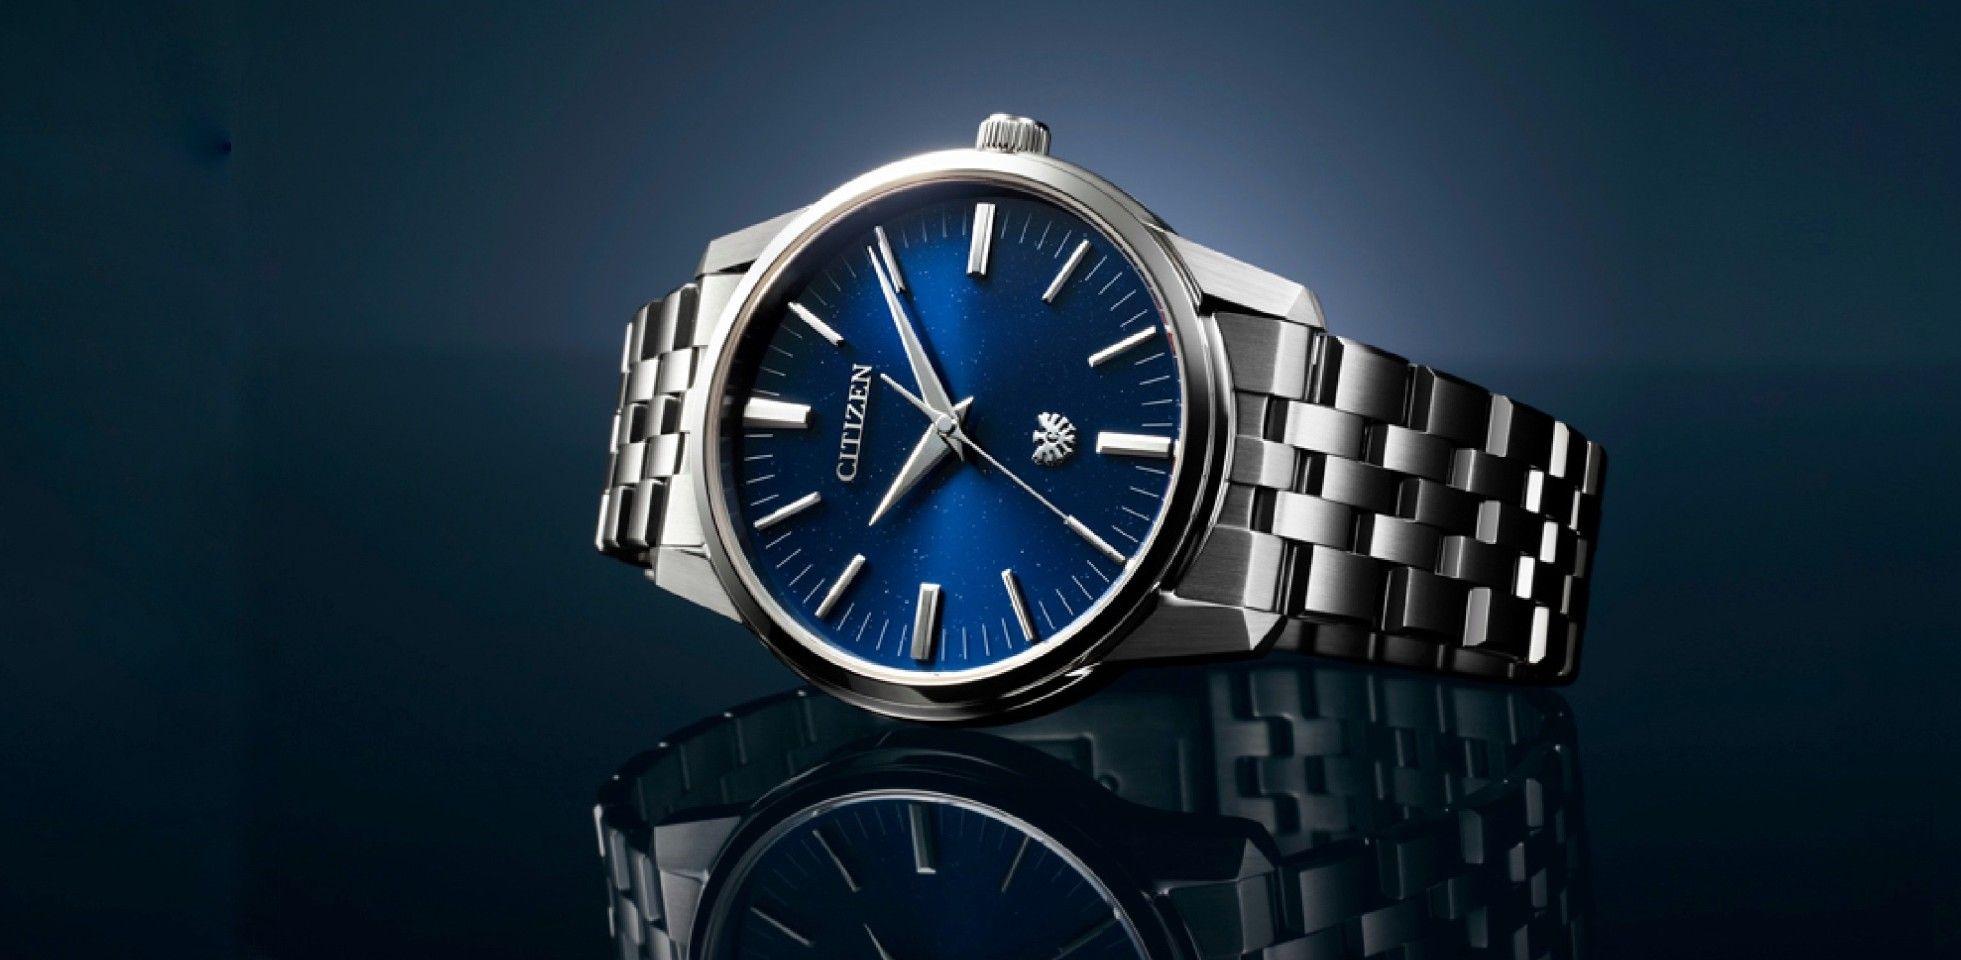 追求精準鐘錶高峰本質:CITIZEN 旗艦腕錶系列